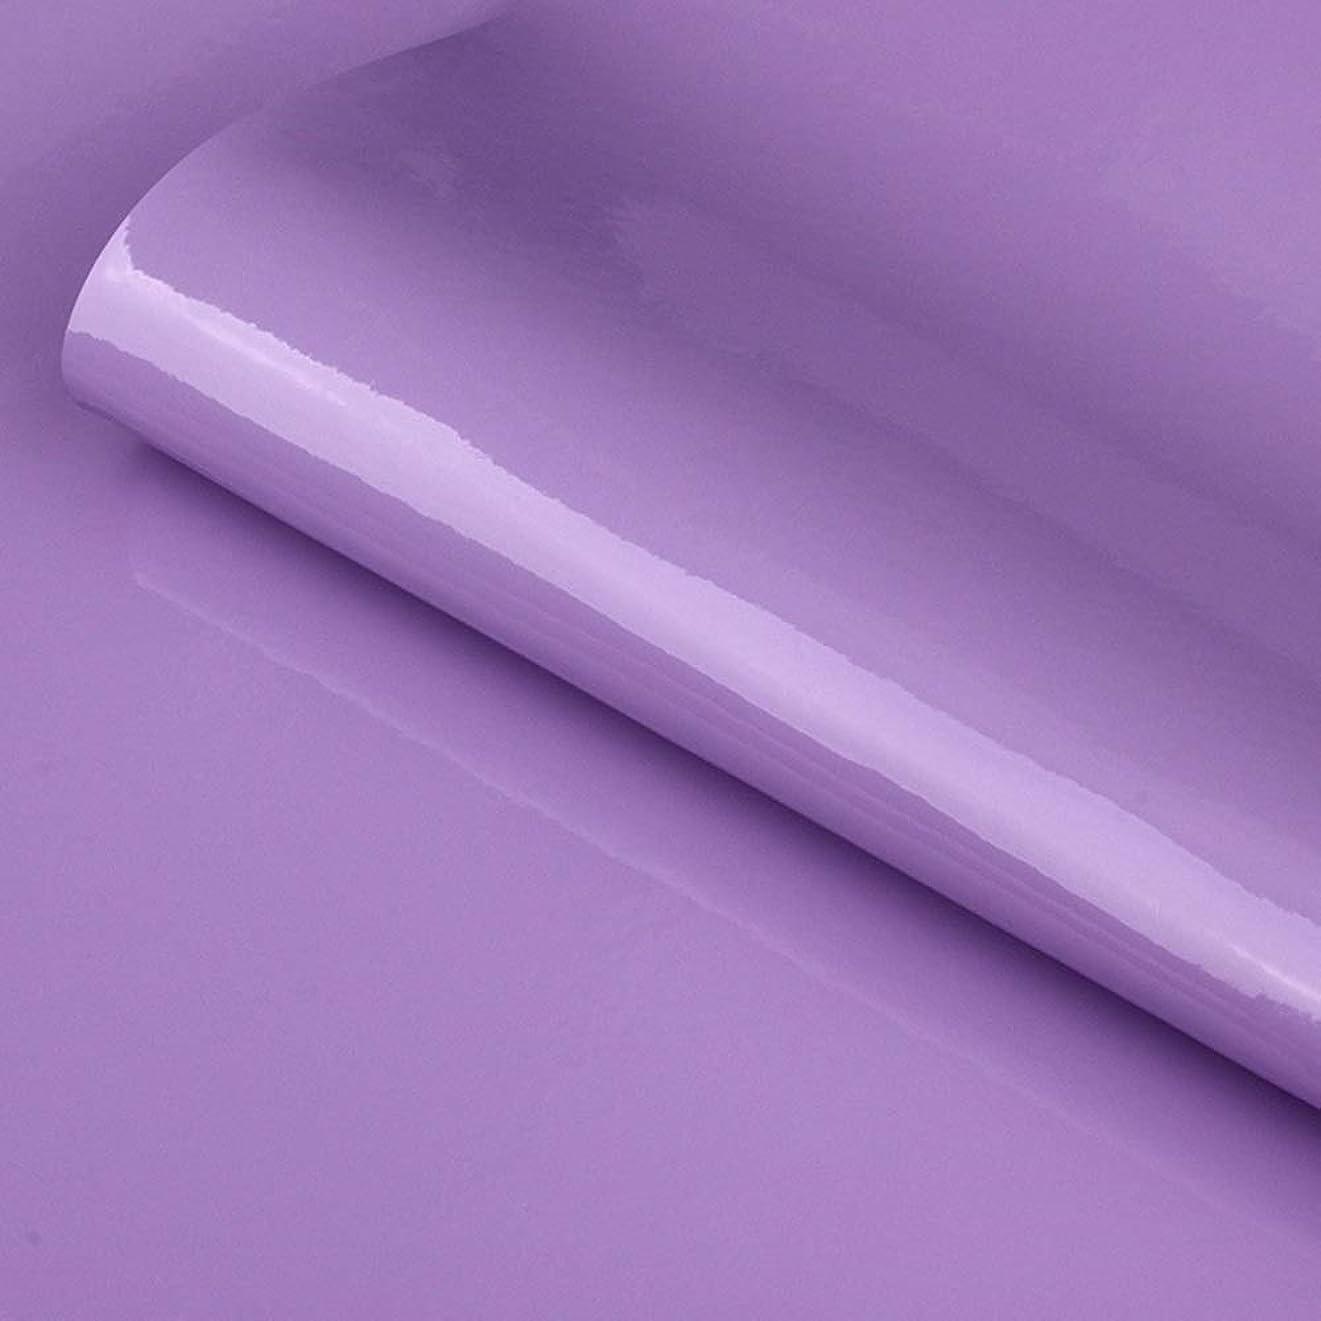 シャイ弱めるシンプルな合皮レザー、ソファー補修 メーターX 137センチメートル幅あたりのフェイクレザー合成皮革素材、ビニールフェイクレザーファブリックレザーレット、